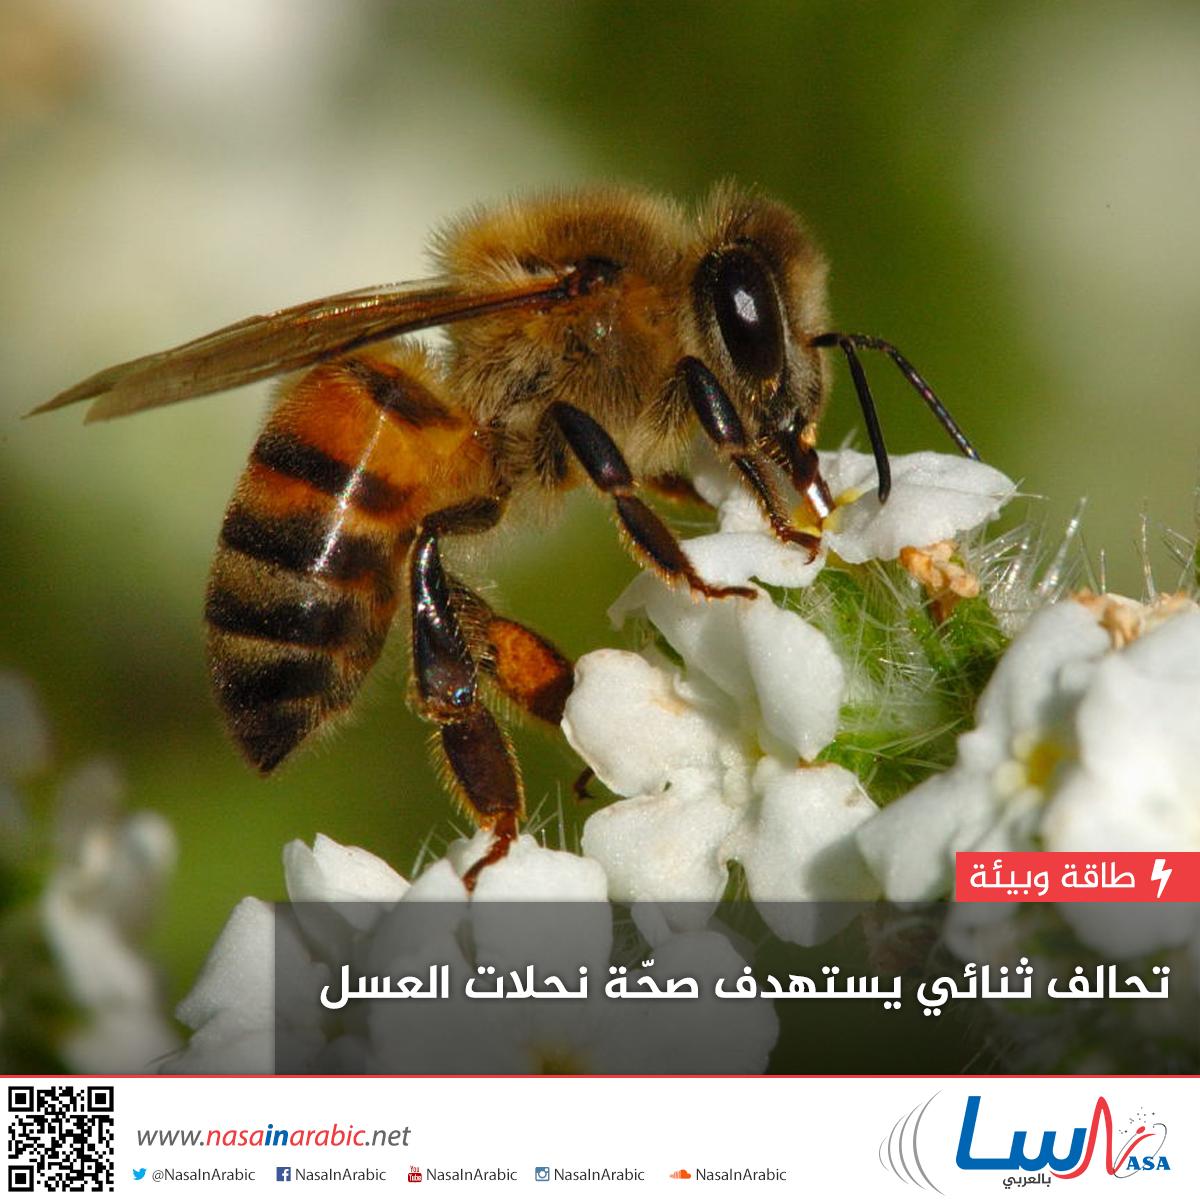 تحالف ثنائي يستهدف صحة نحل العسل